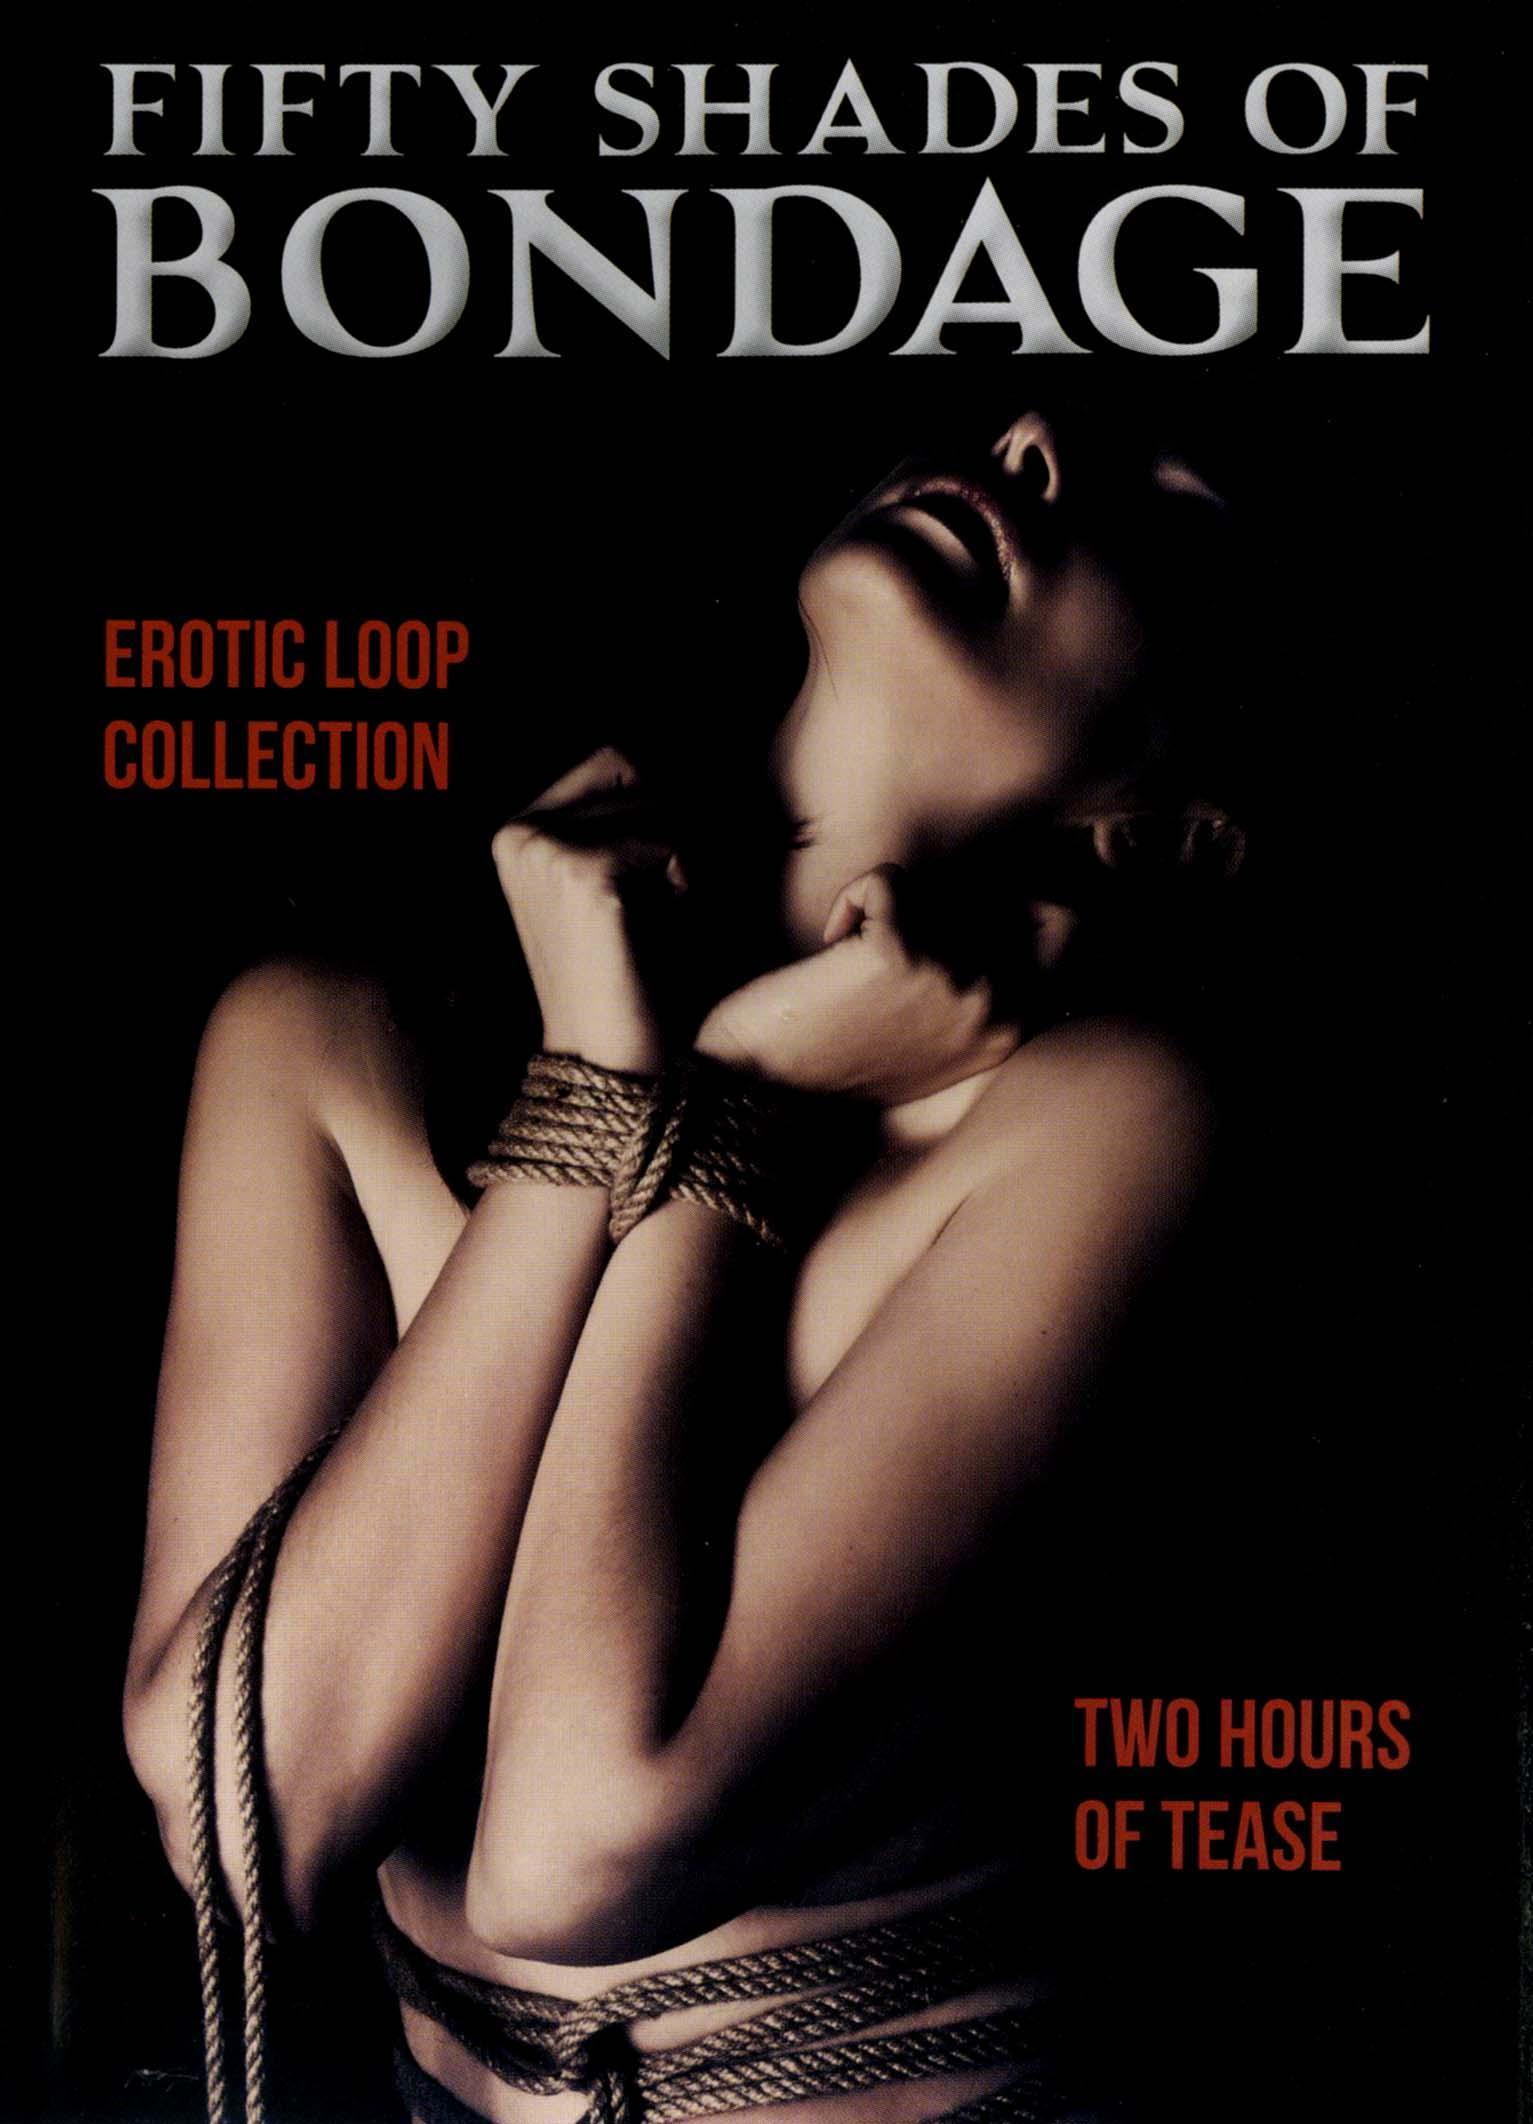 Fifty Shades of Bondage